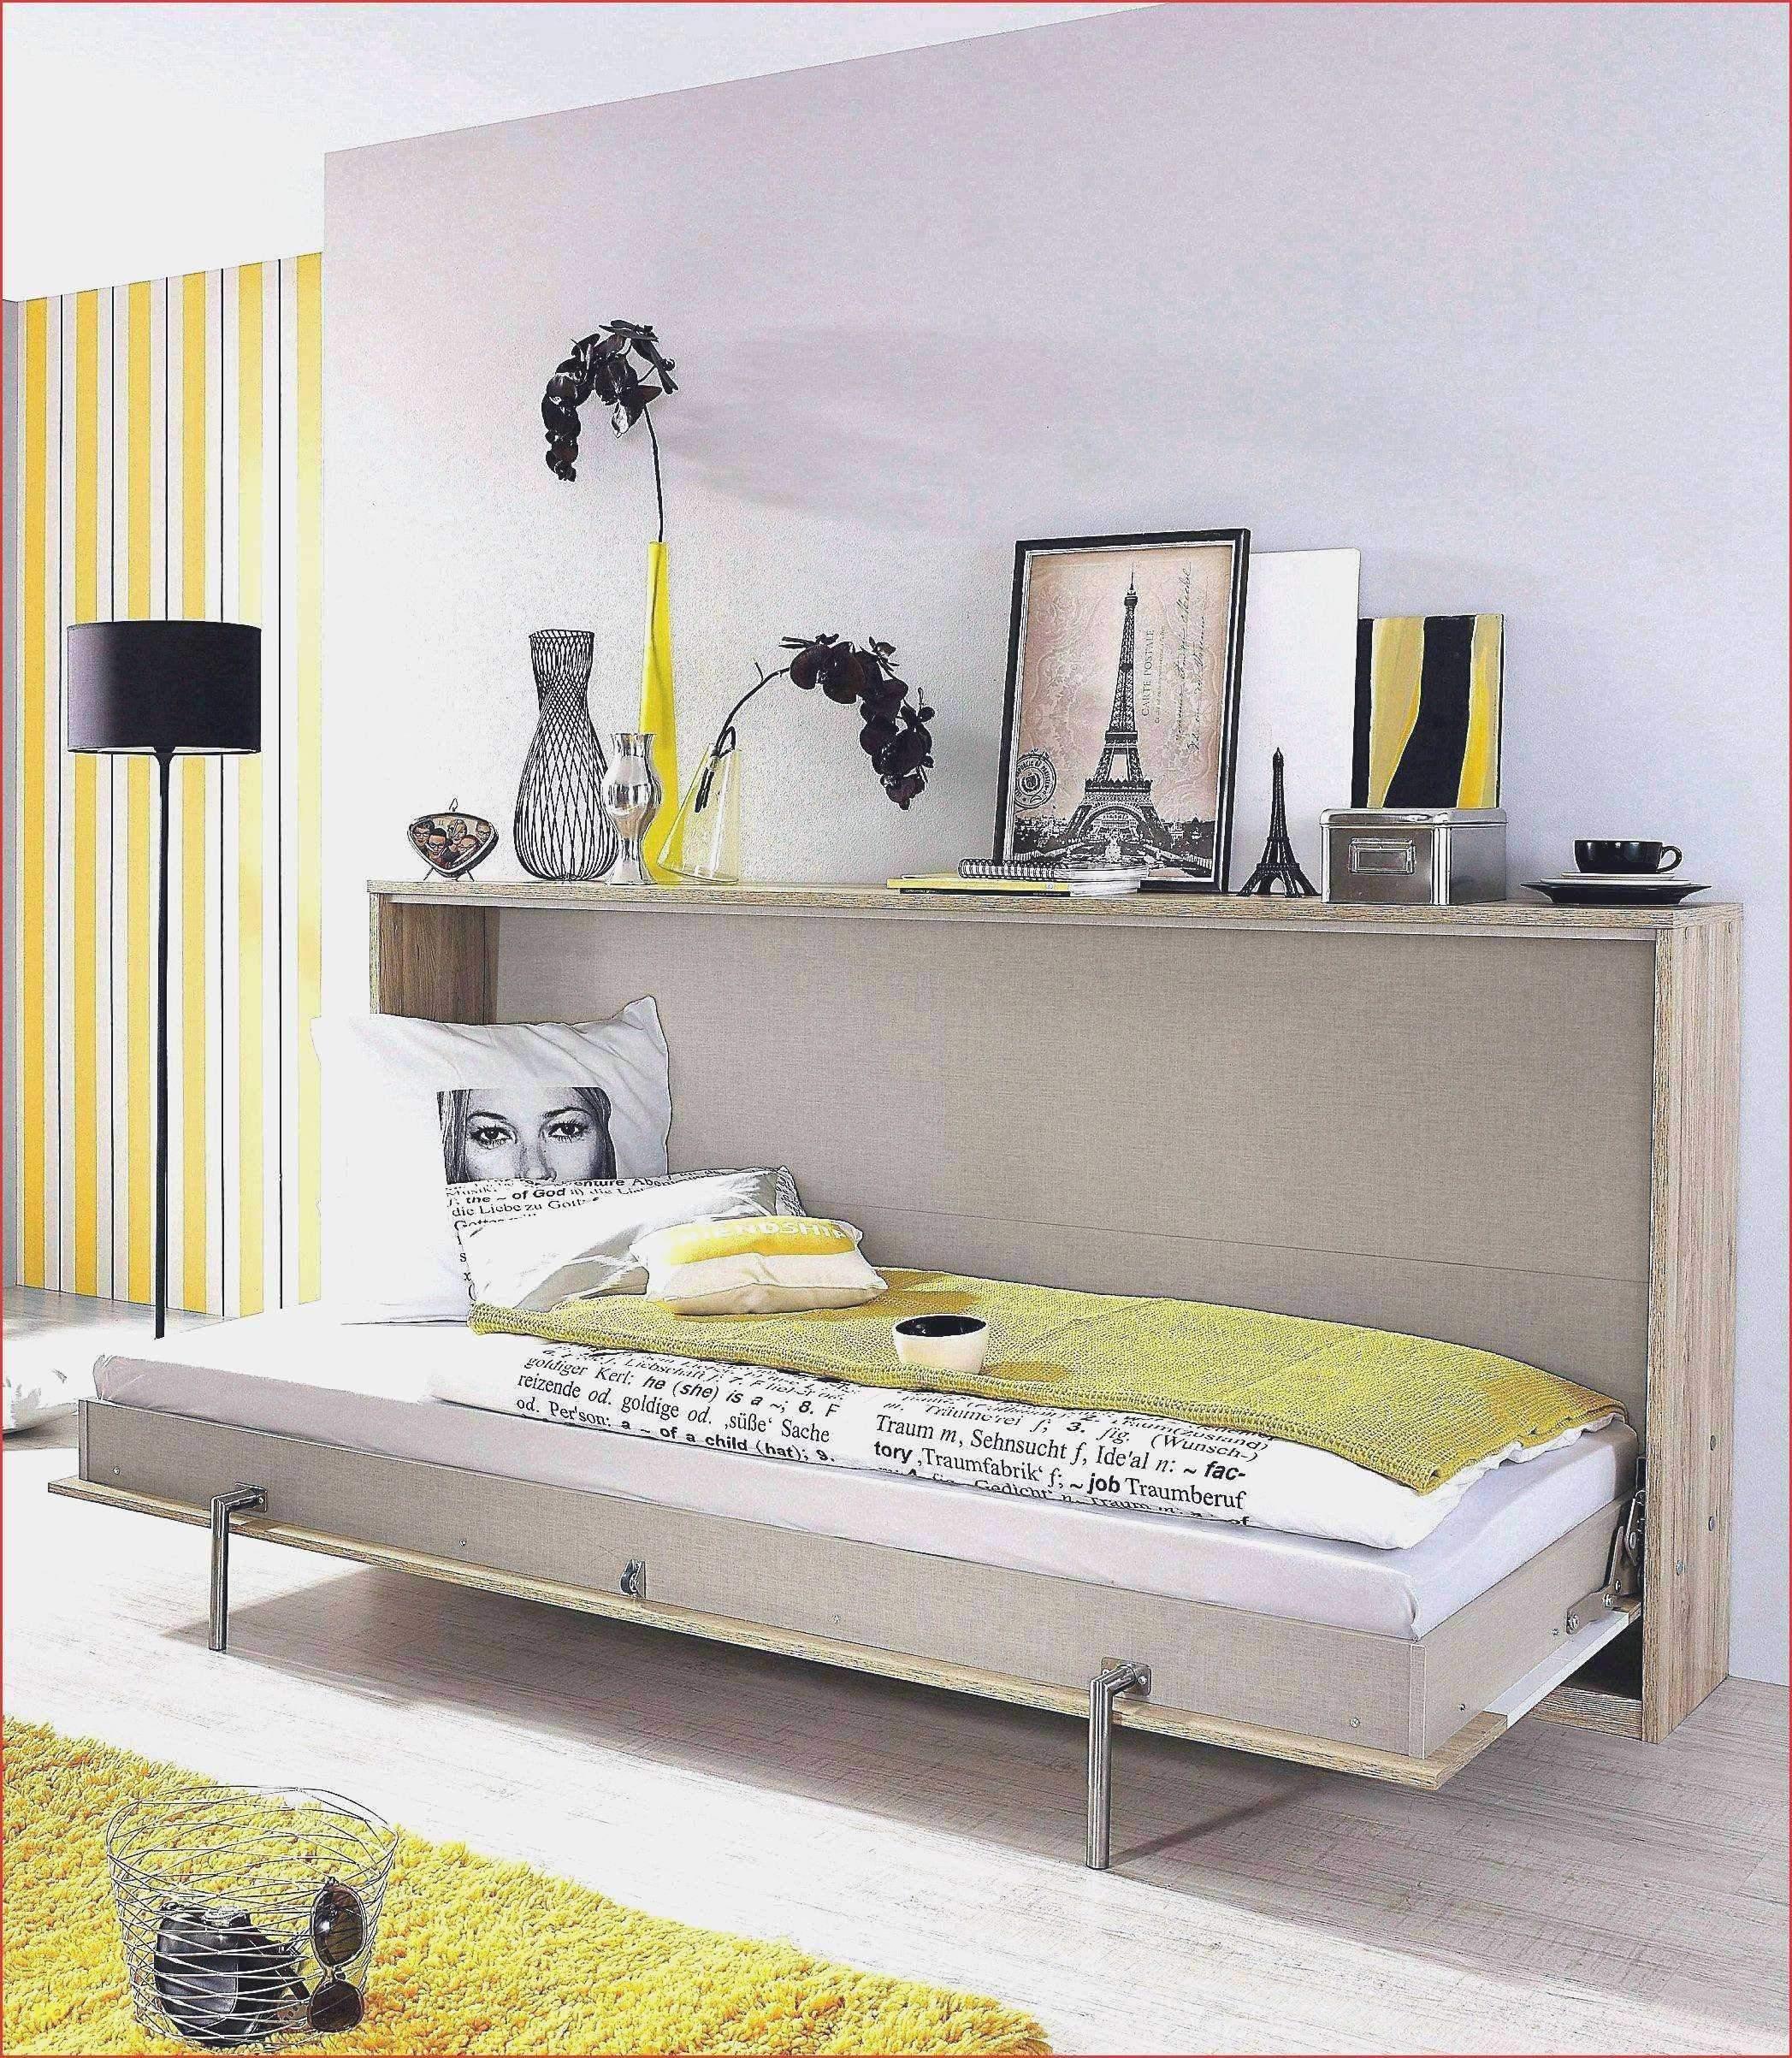 Deko Ideen Für Den Garten Einzigartig 26 Neu Wohnzimmer Ideen Für Kleine Räume Frisch